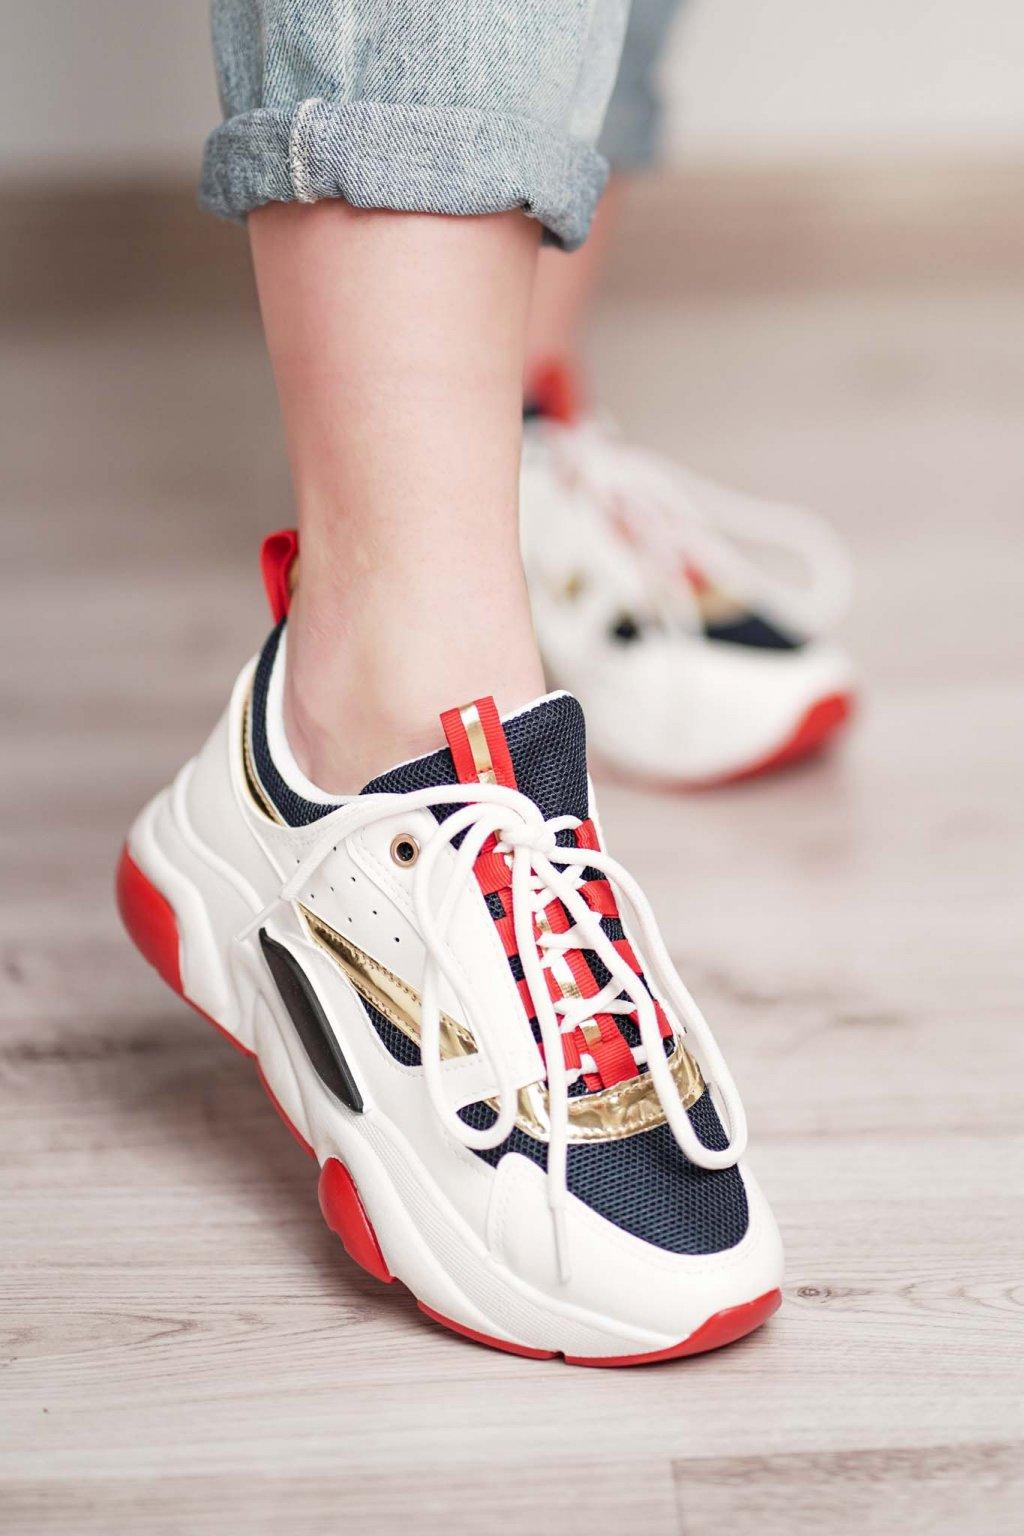 topánky, obuv, tenisky, botasky, lodičky, čižmy, šľapky, sandálky 448